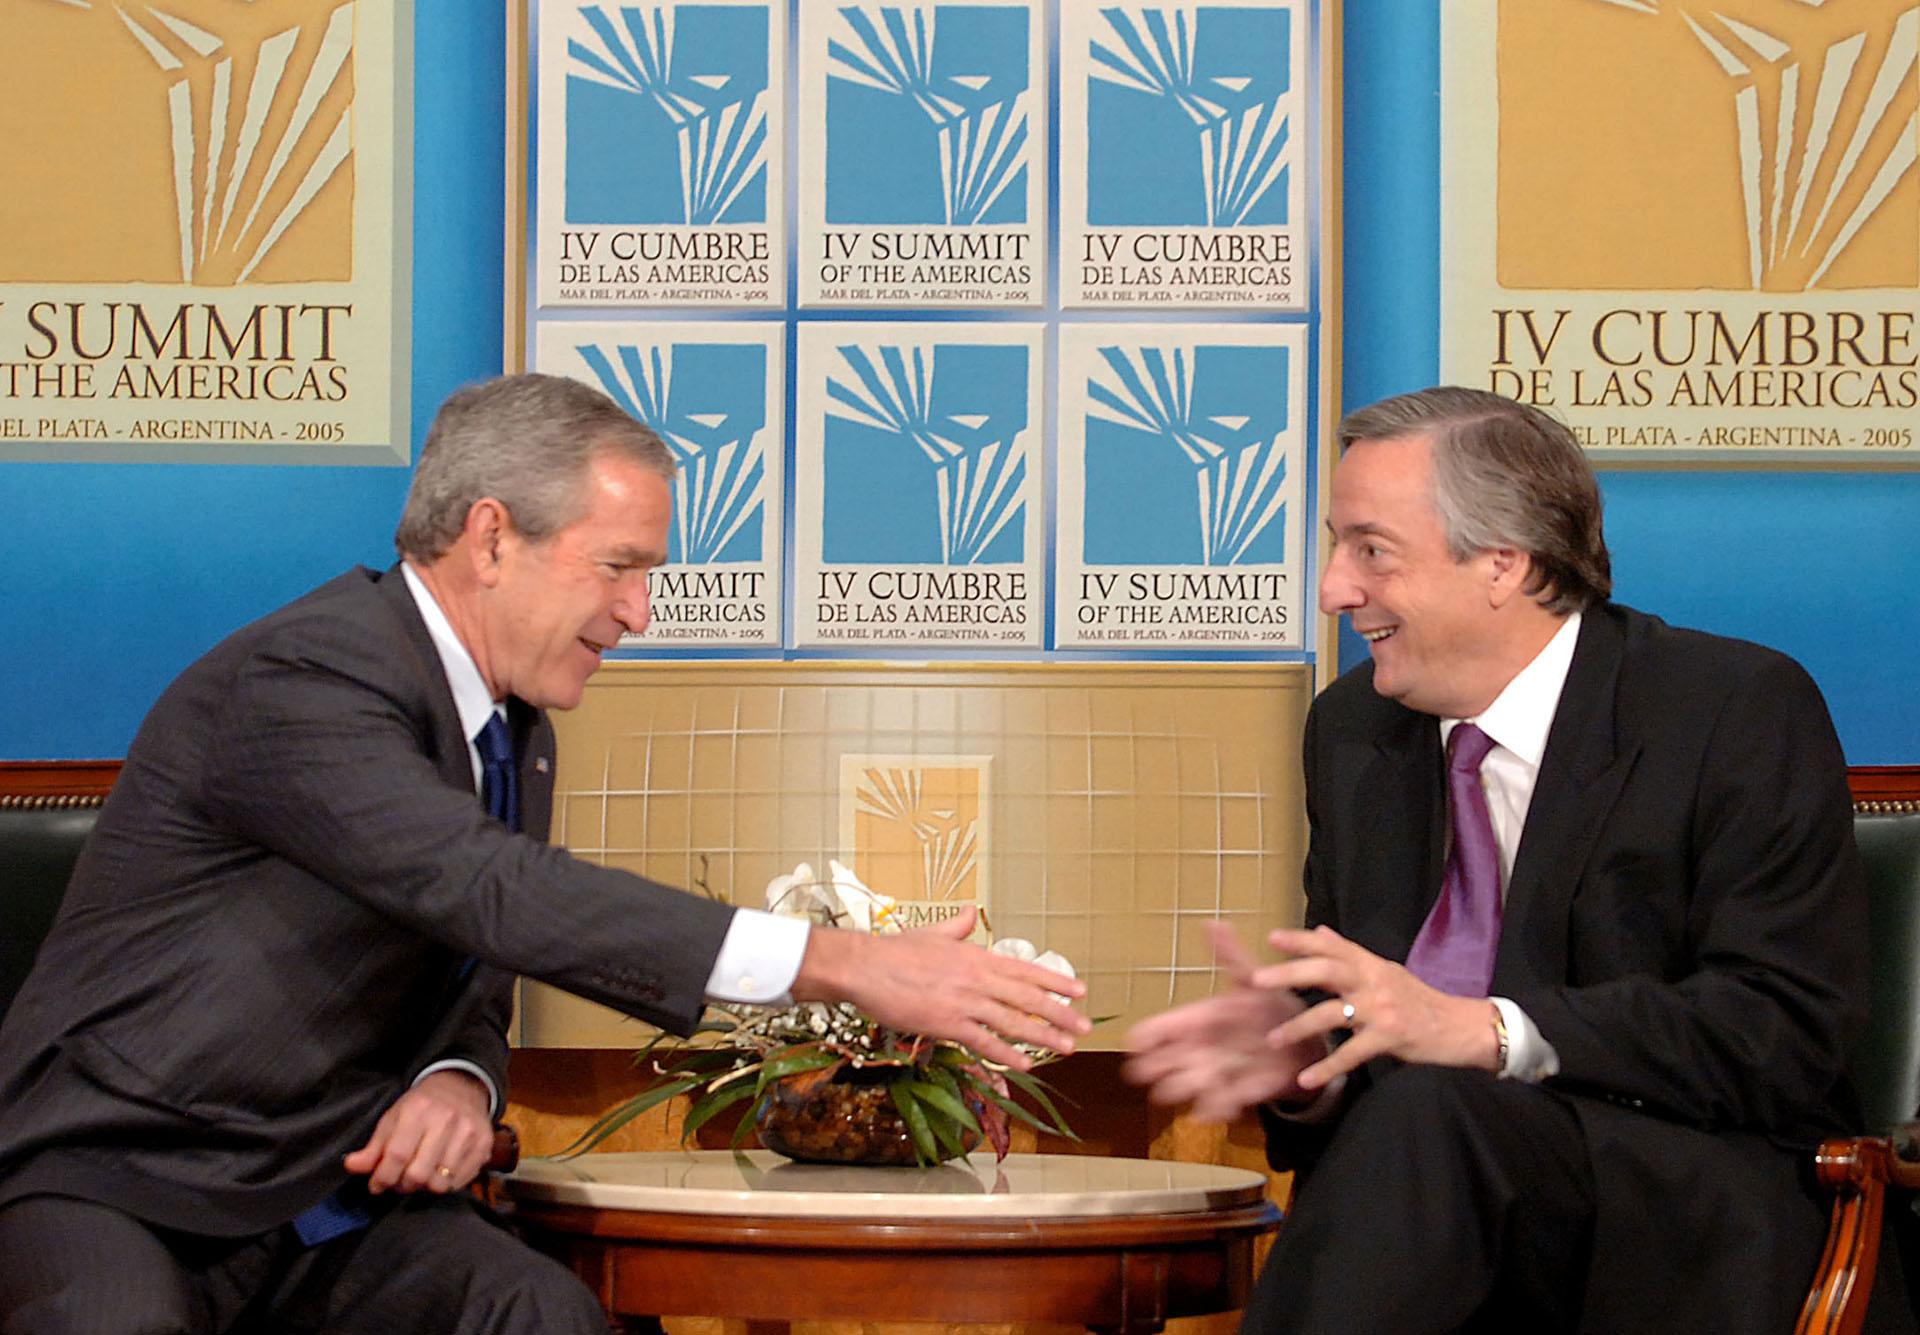 El presidente Néstor Kirchner junto a su par de Estados Unidos, George W. Bush, durante la reunión previa a la inauguración de la IV Cumbre de las Américas